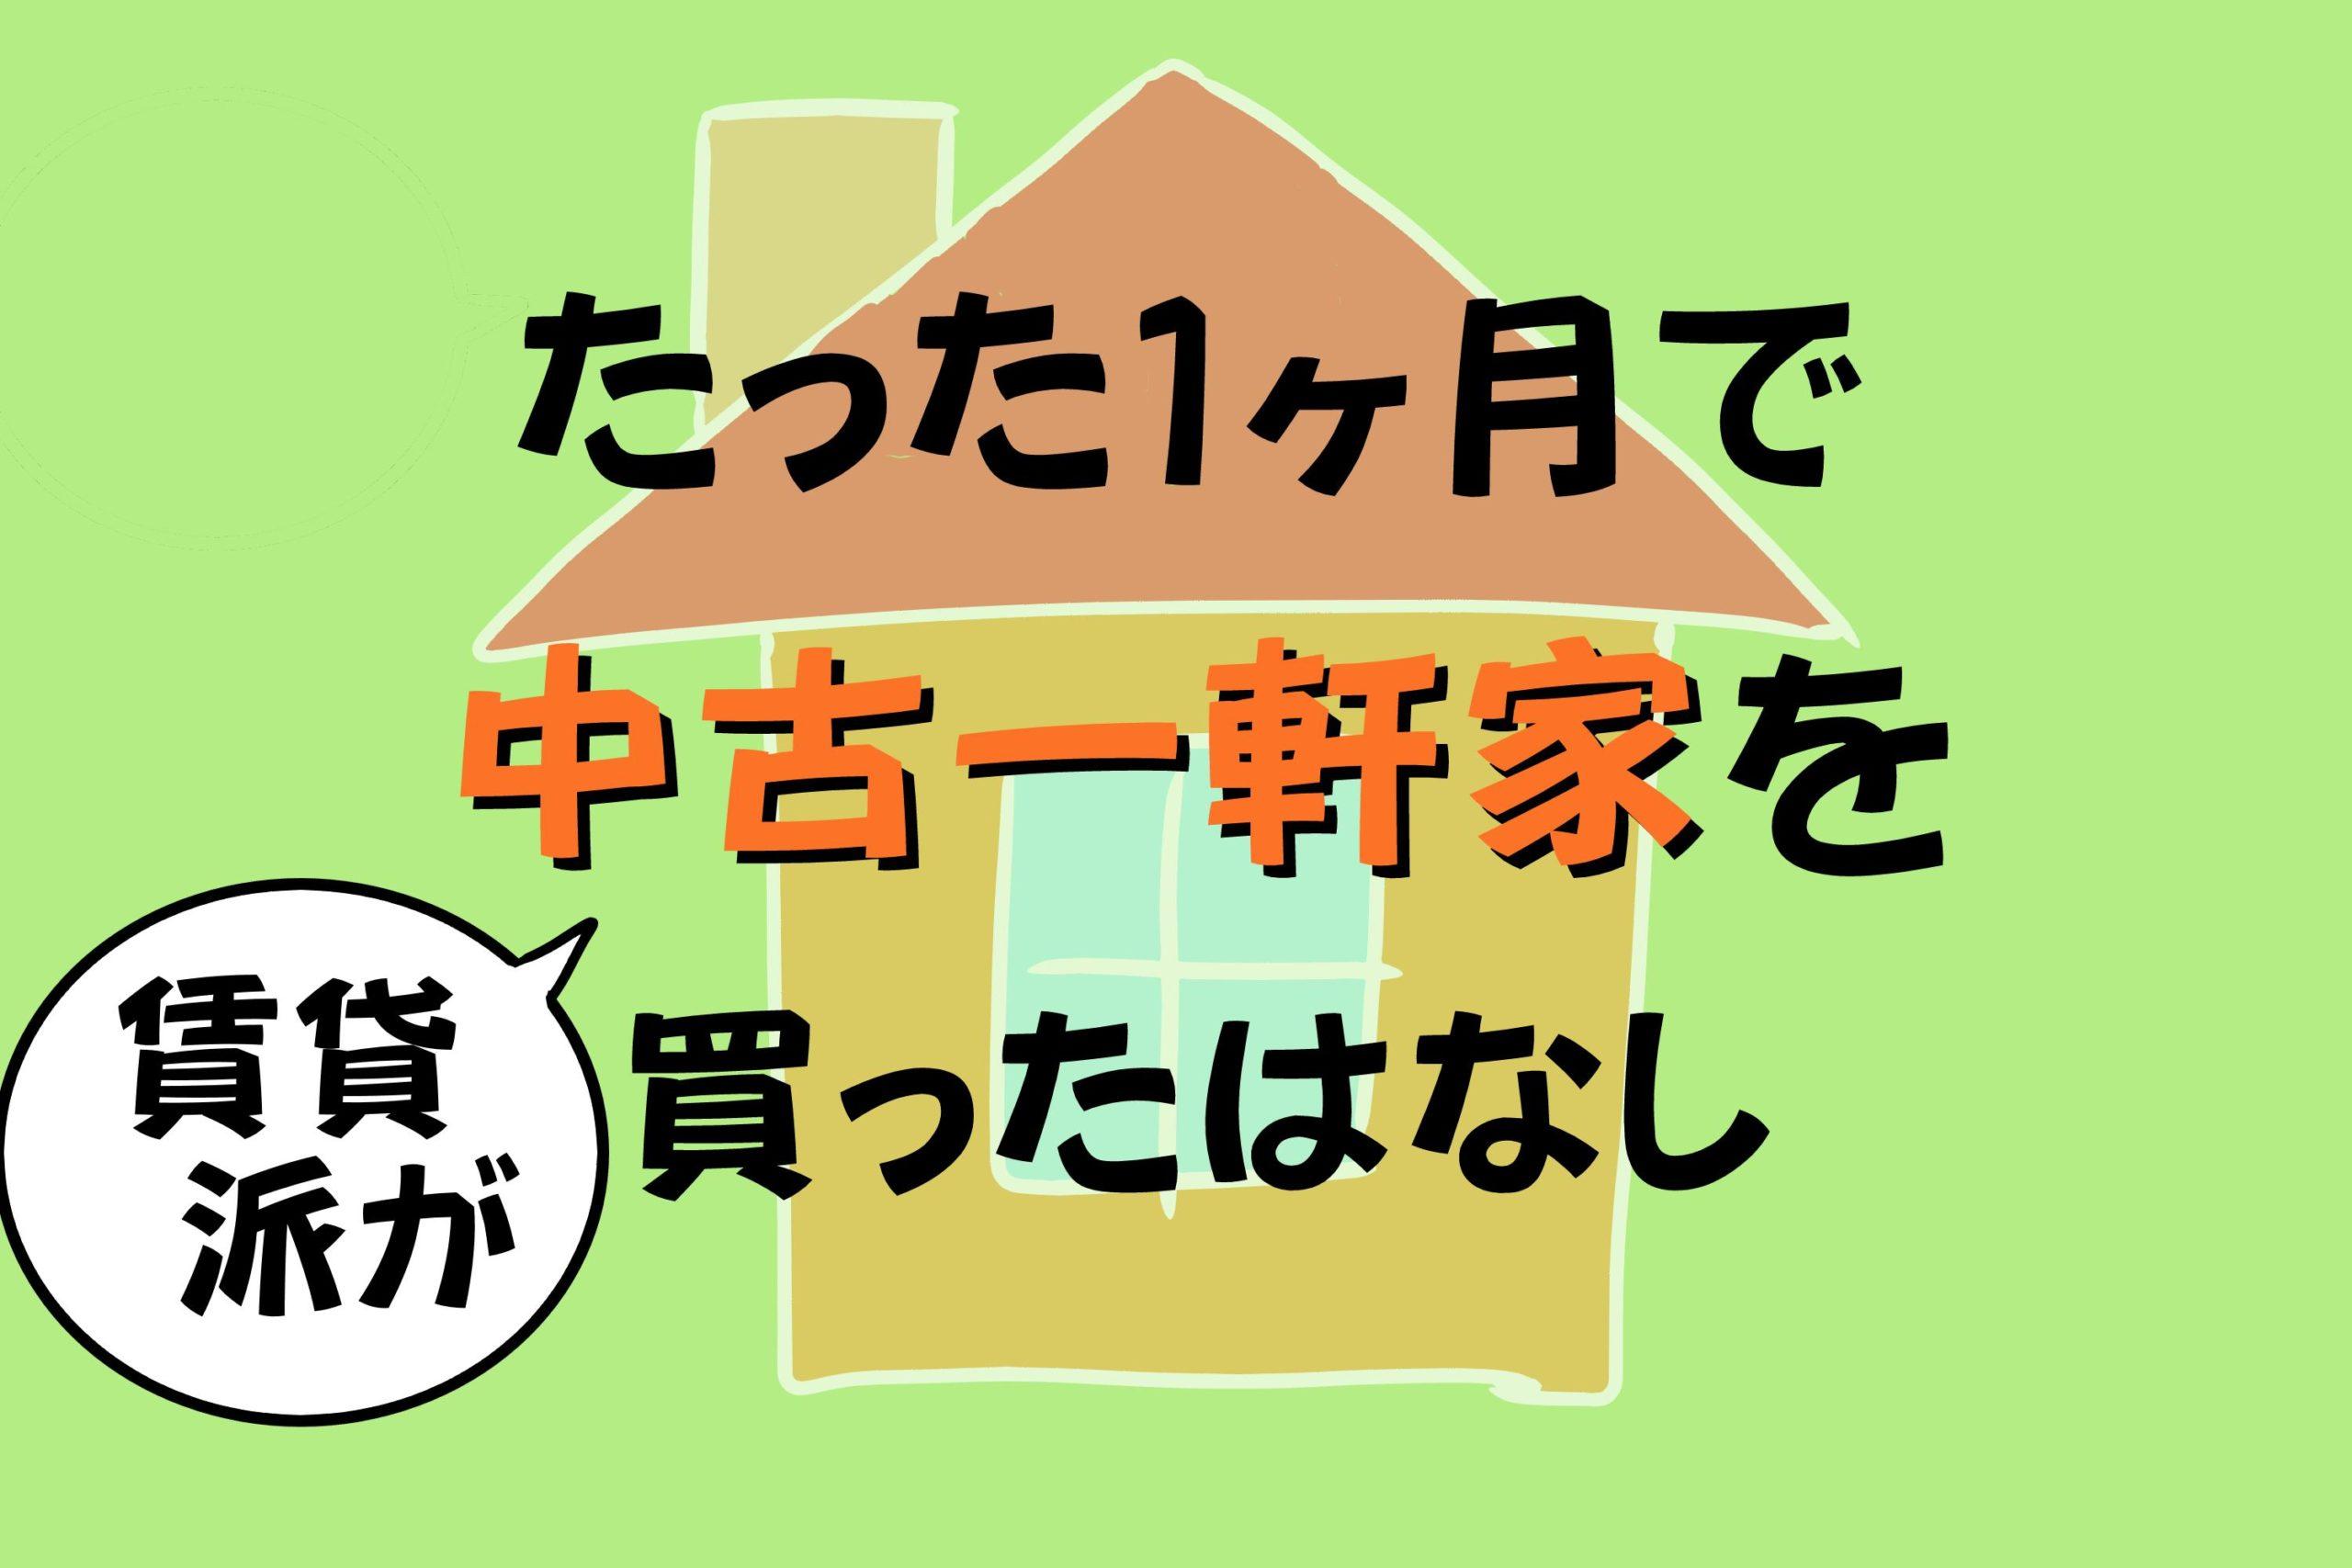 家は賃貸派だった私がたった1か月で中古戸建てを買った体験談